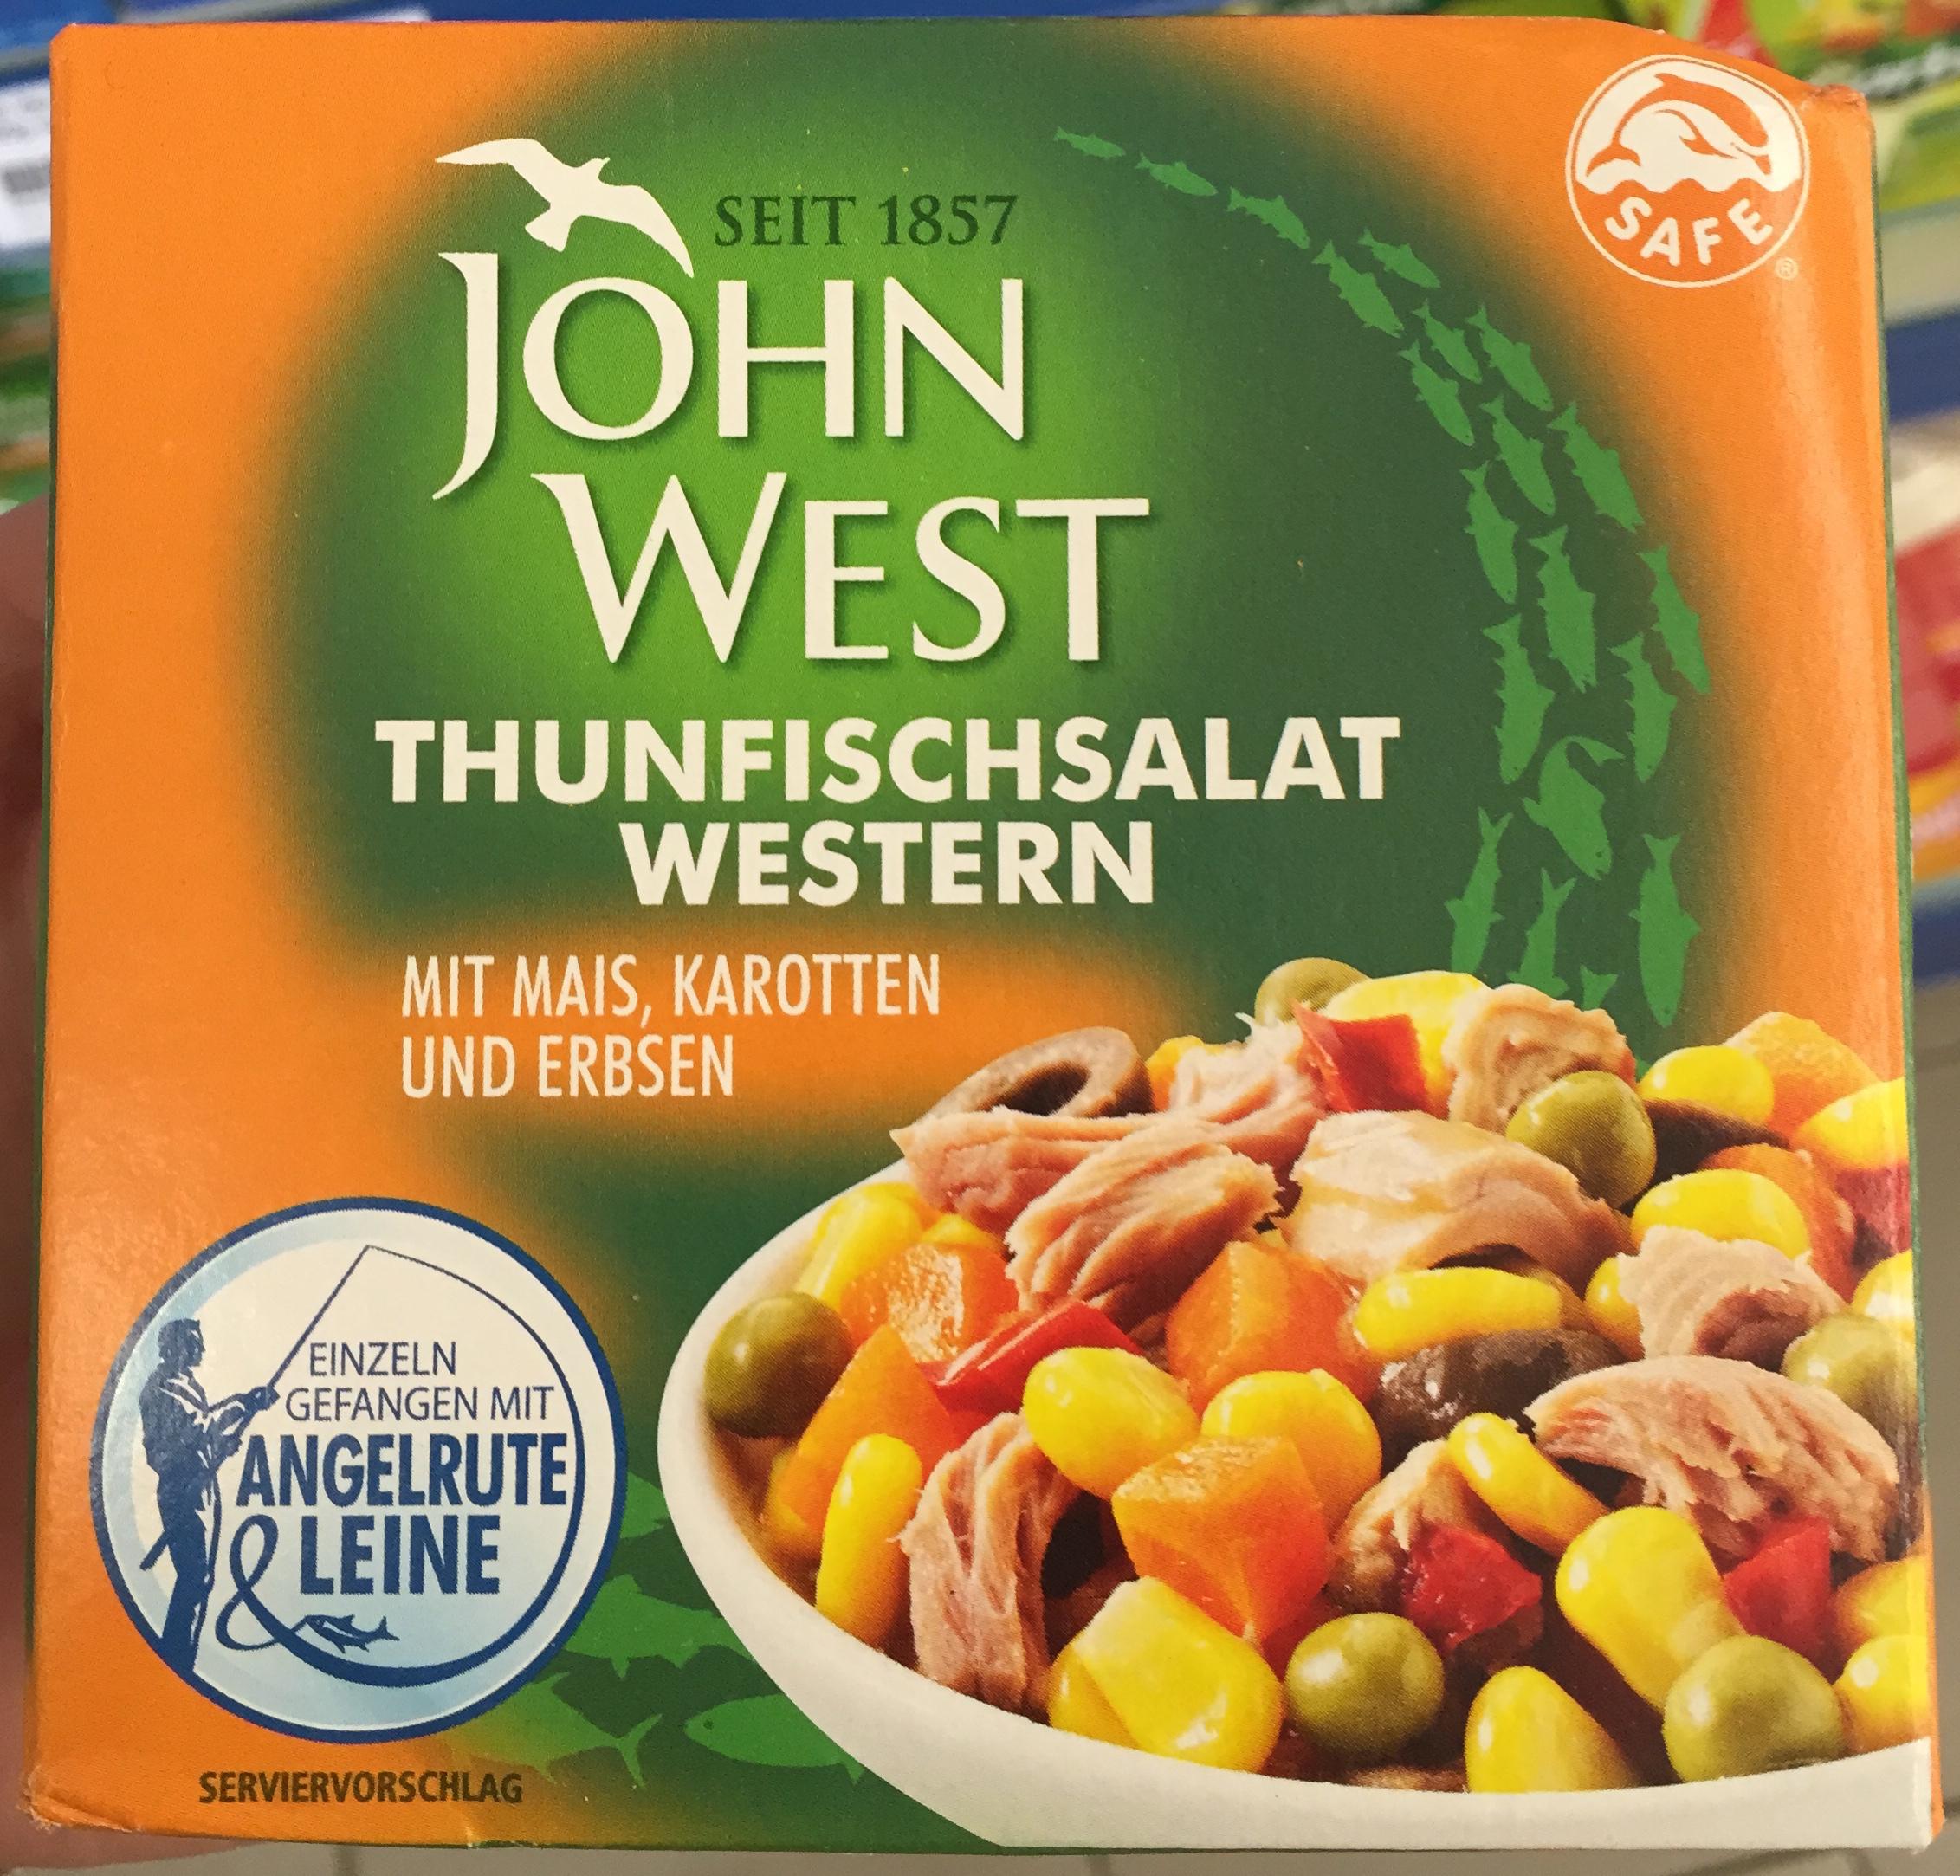 Thunfischsalat western